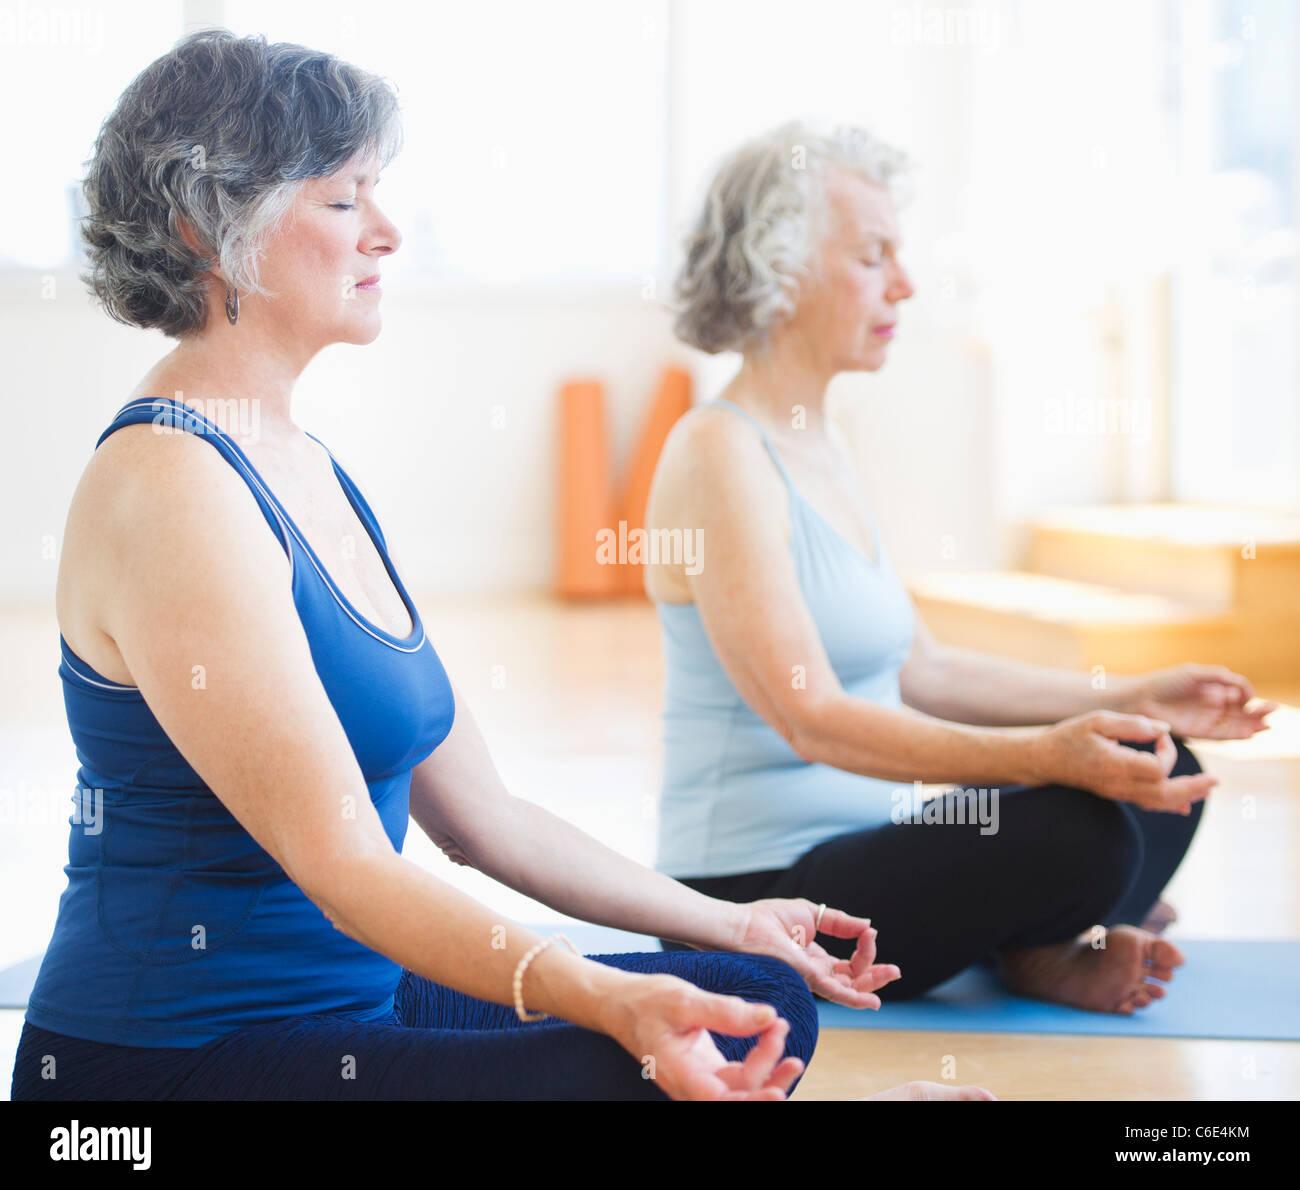 Stati Uniti d'America, New Jersey, Jersey City, due donne senior a praticare yoga Immagini Stock